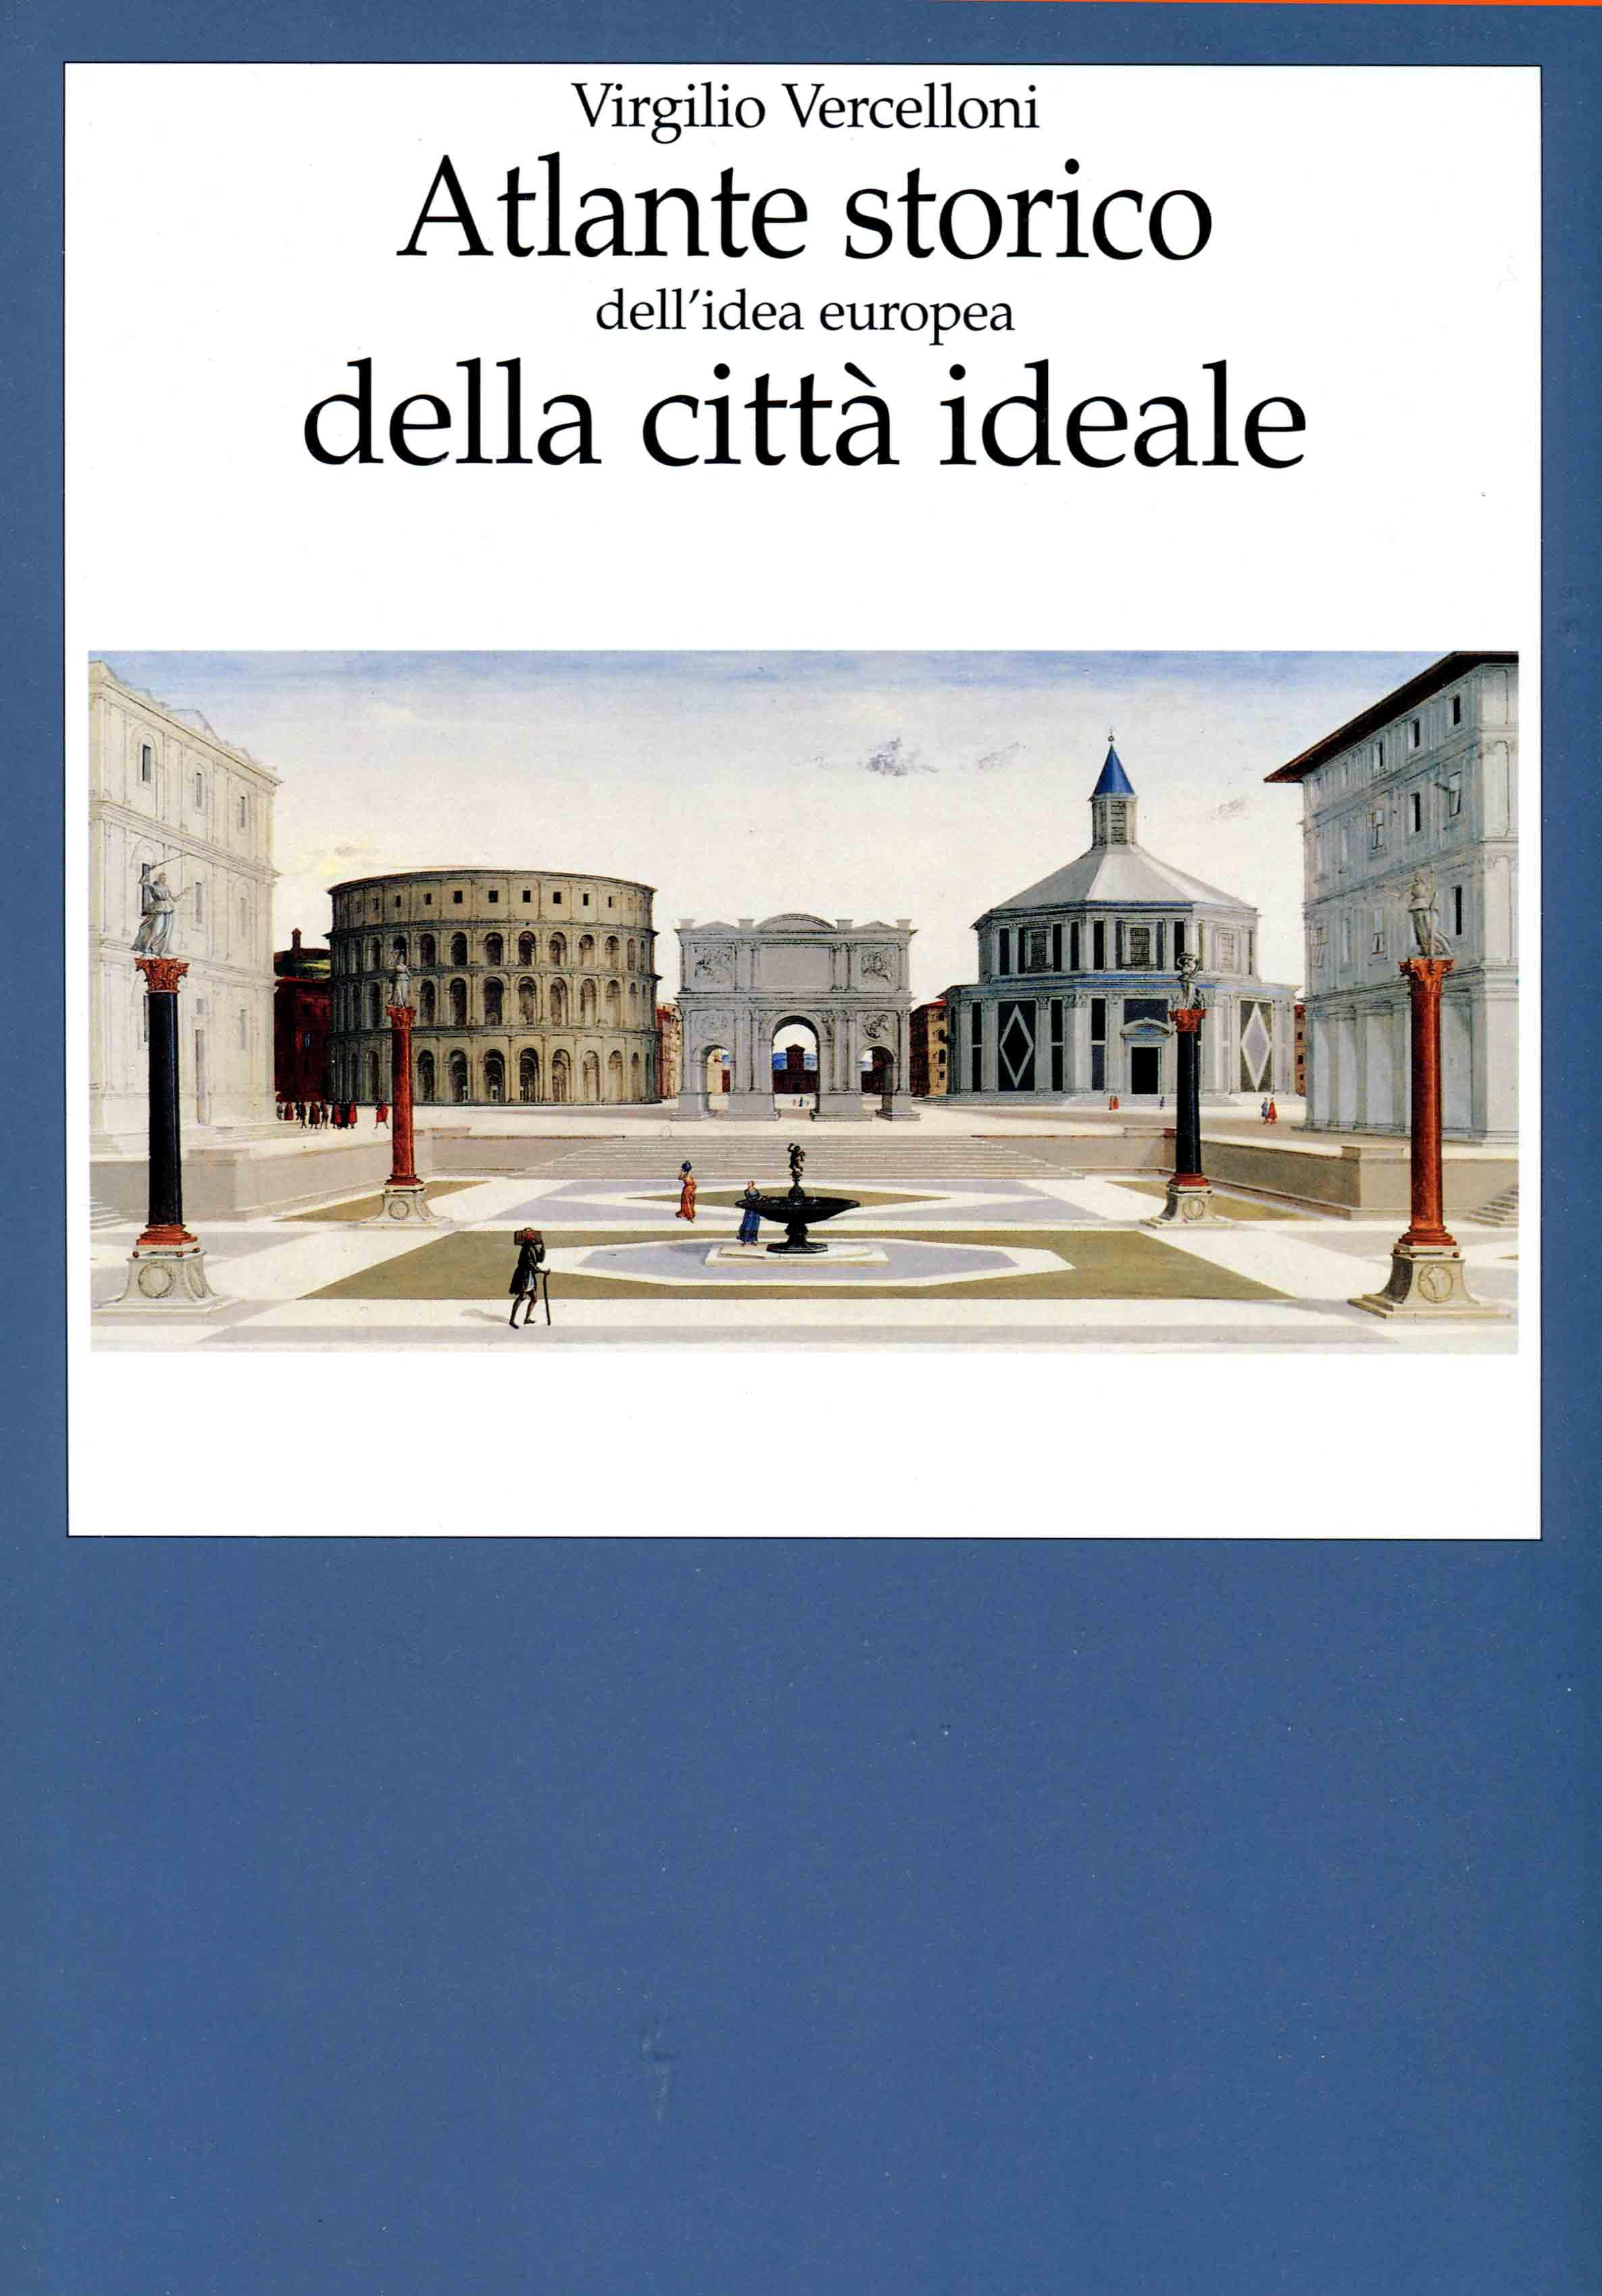 Atlante storico dell'idea europea della citta ideale